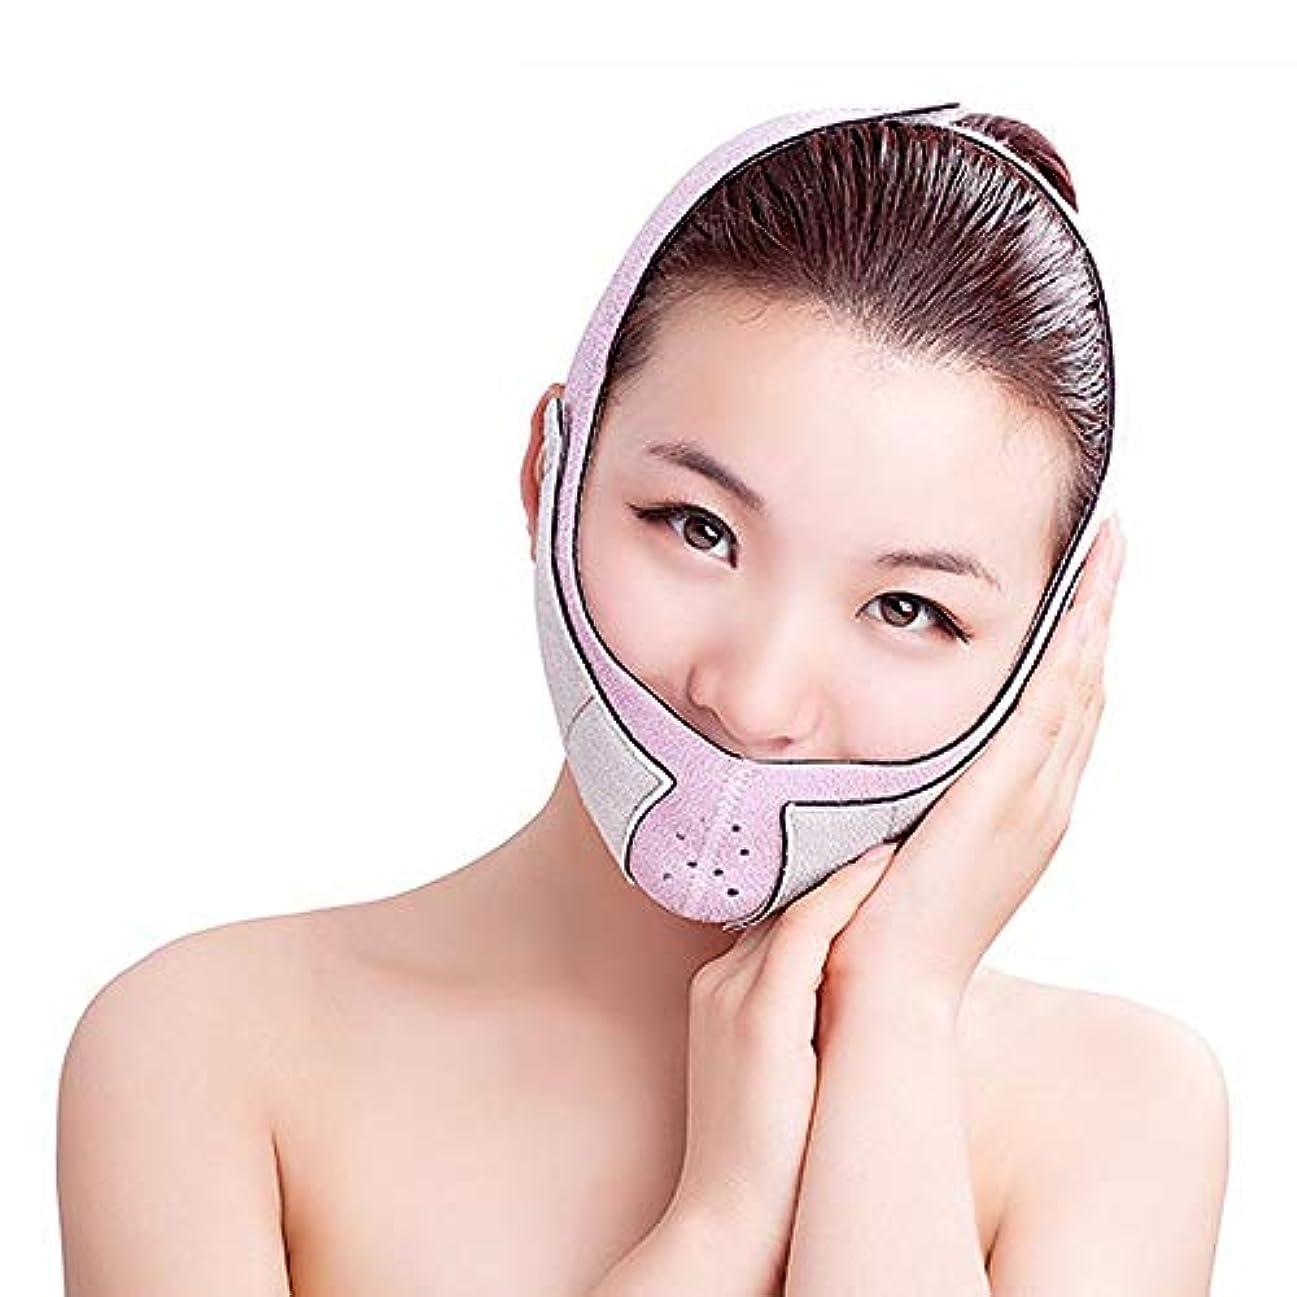 気を散らす好色な賃金フェイスリフトベルト 薄い顔のベルト - 薄い顔のベルト通気性の補正3D薄い顔のV顔のベルトの包帯薄い顔のアーティファクト (色 : B)